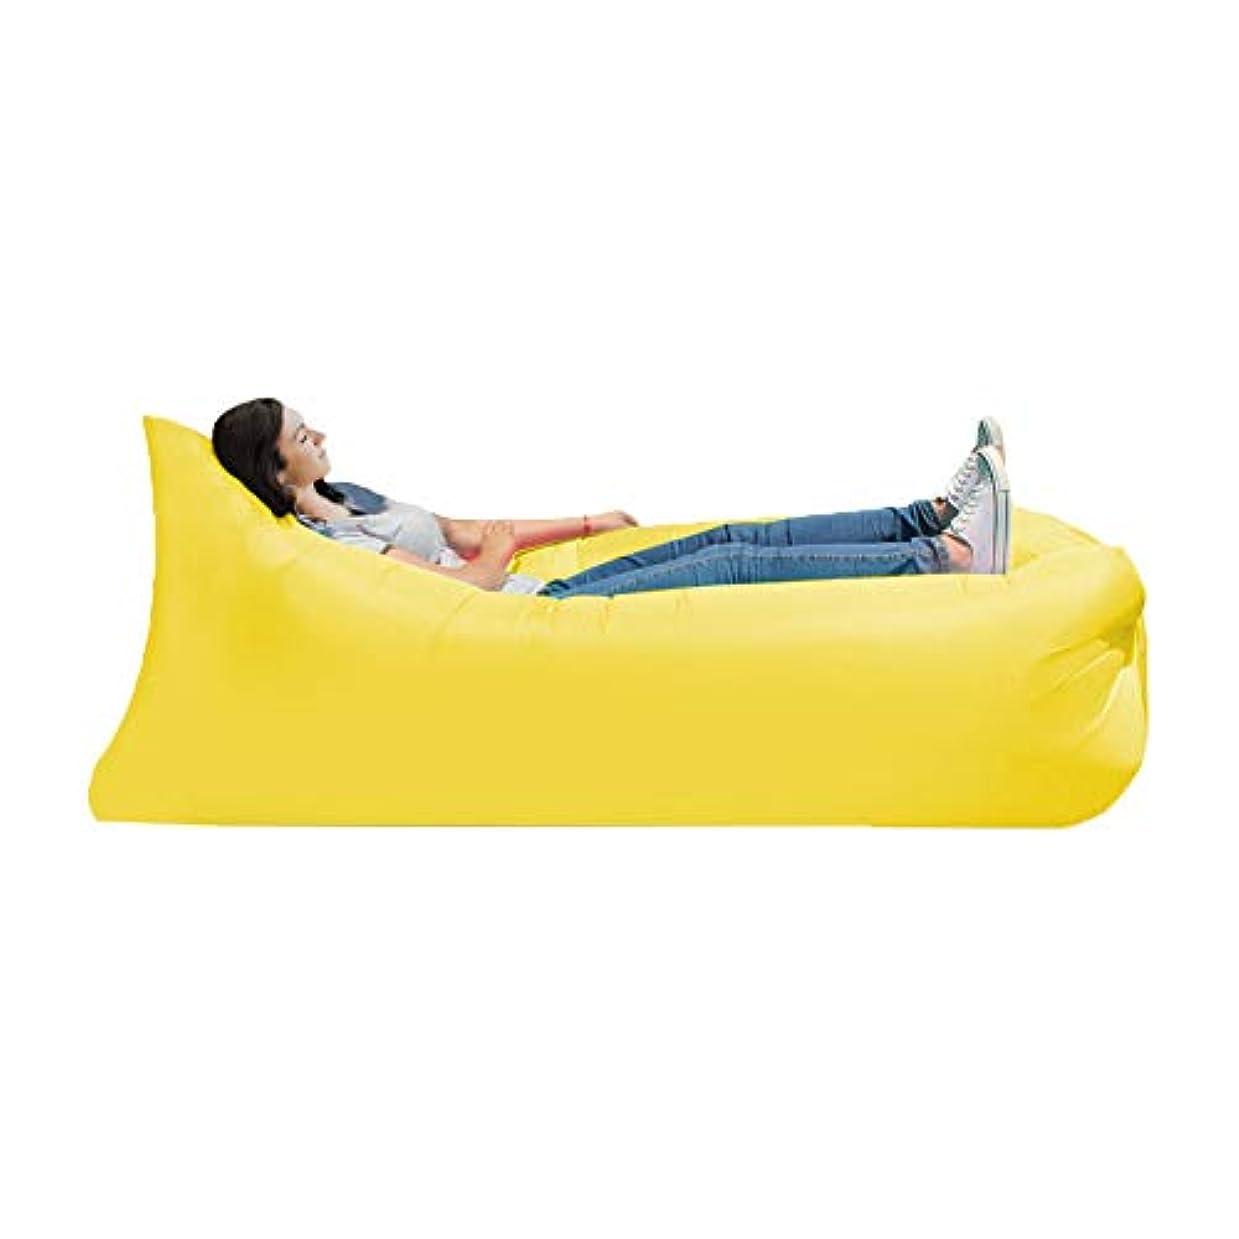 暴君キャラクター嫌な折りたたみ空気ソファベッドポータブル寝袋ビーチベッド